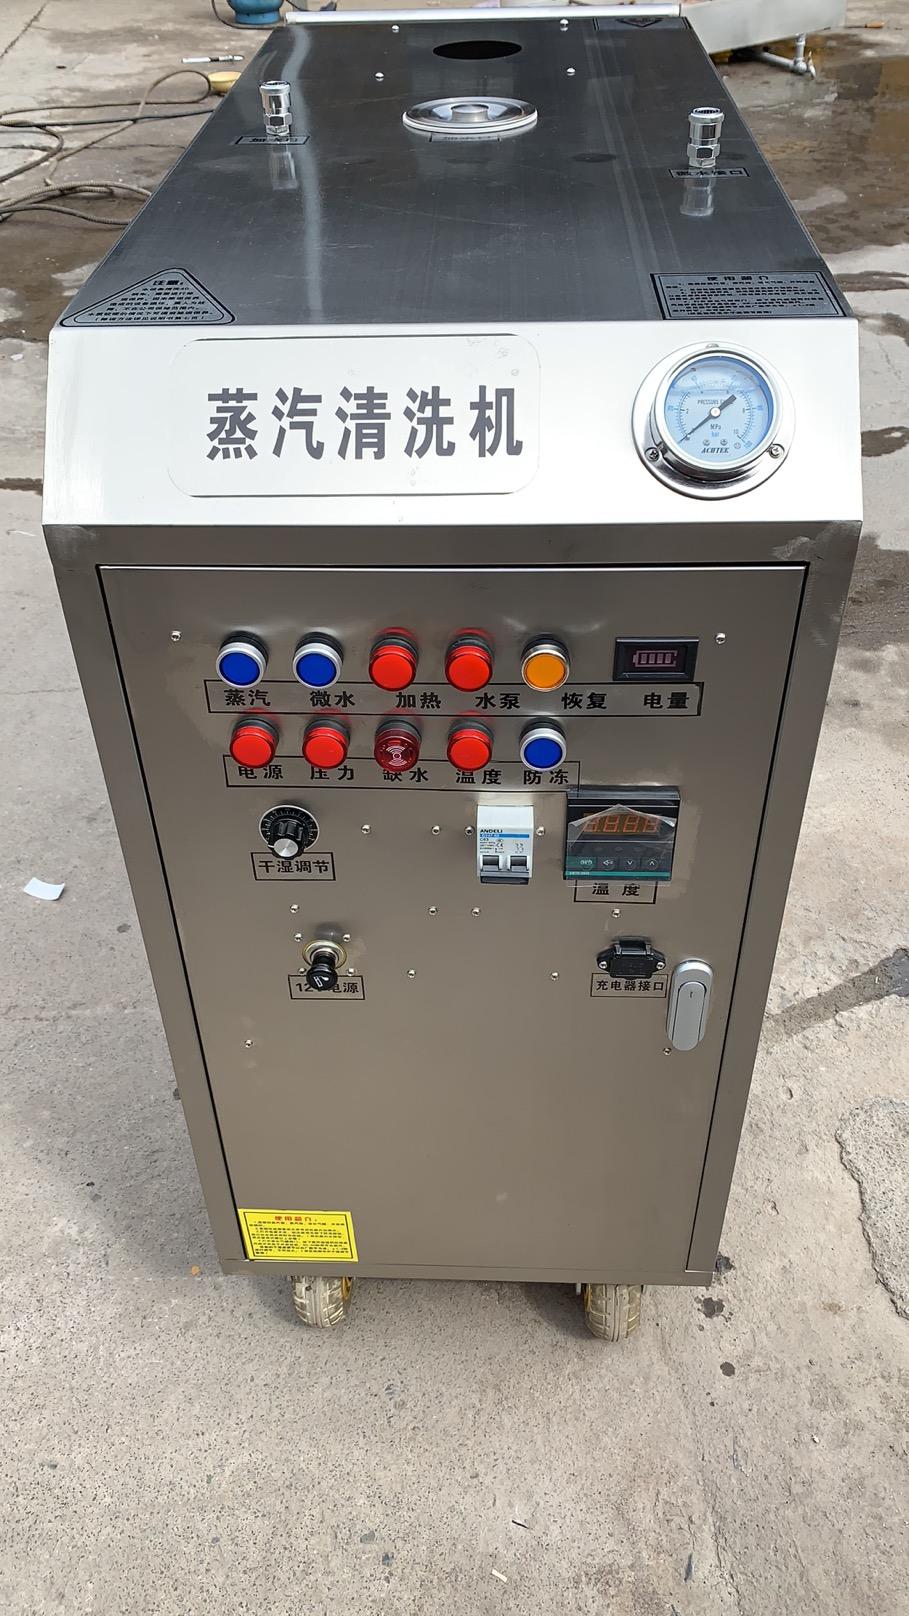 沐鸣2平台资讯新型燃气式蒸汽洗车机的功效和工作特点